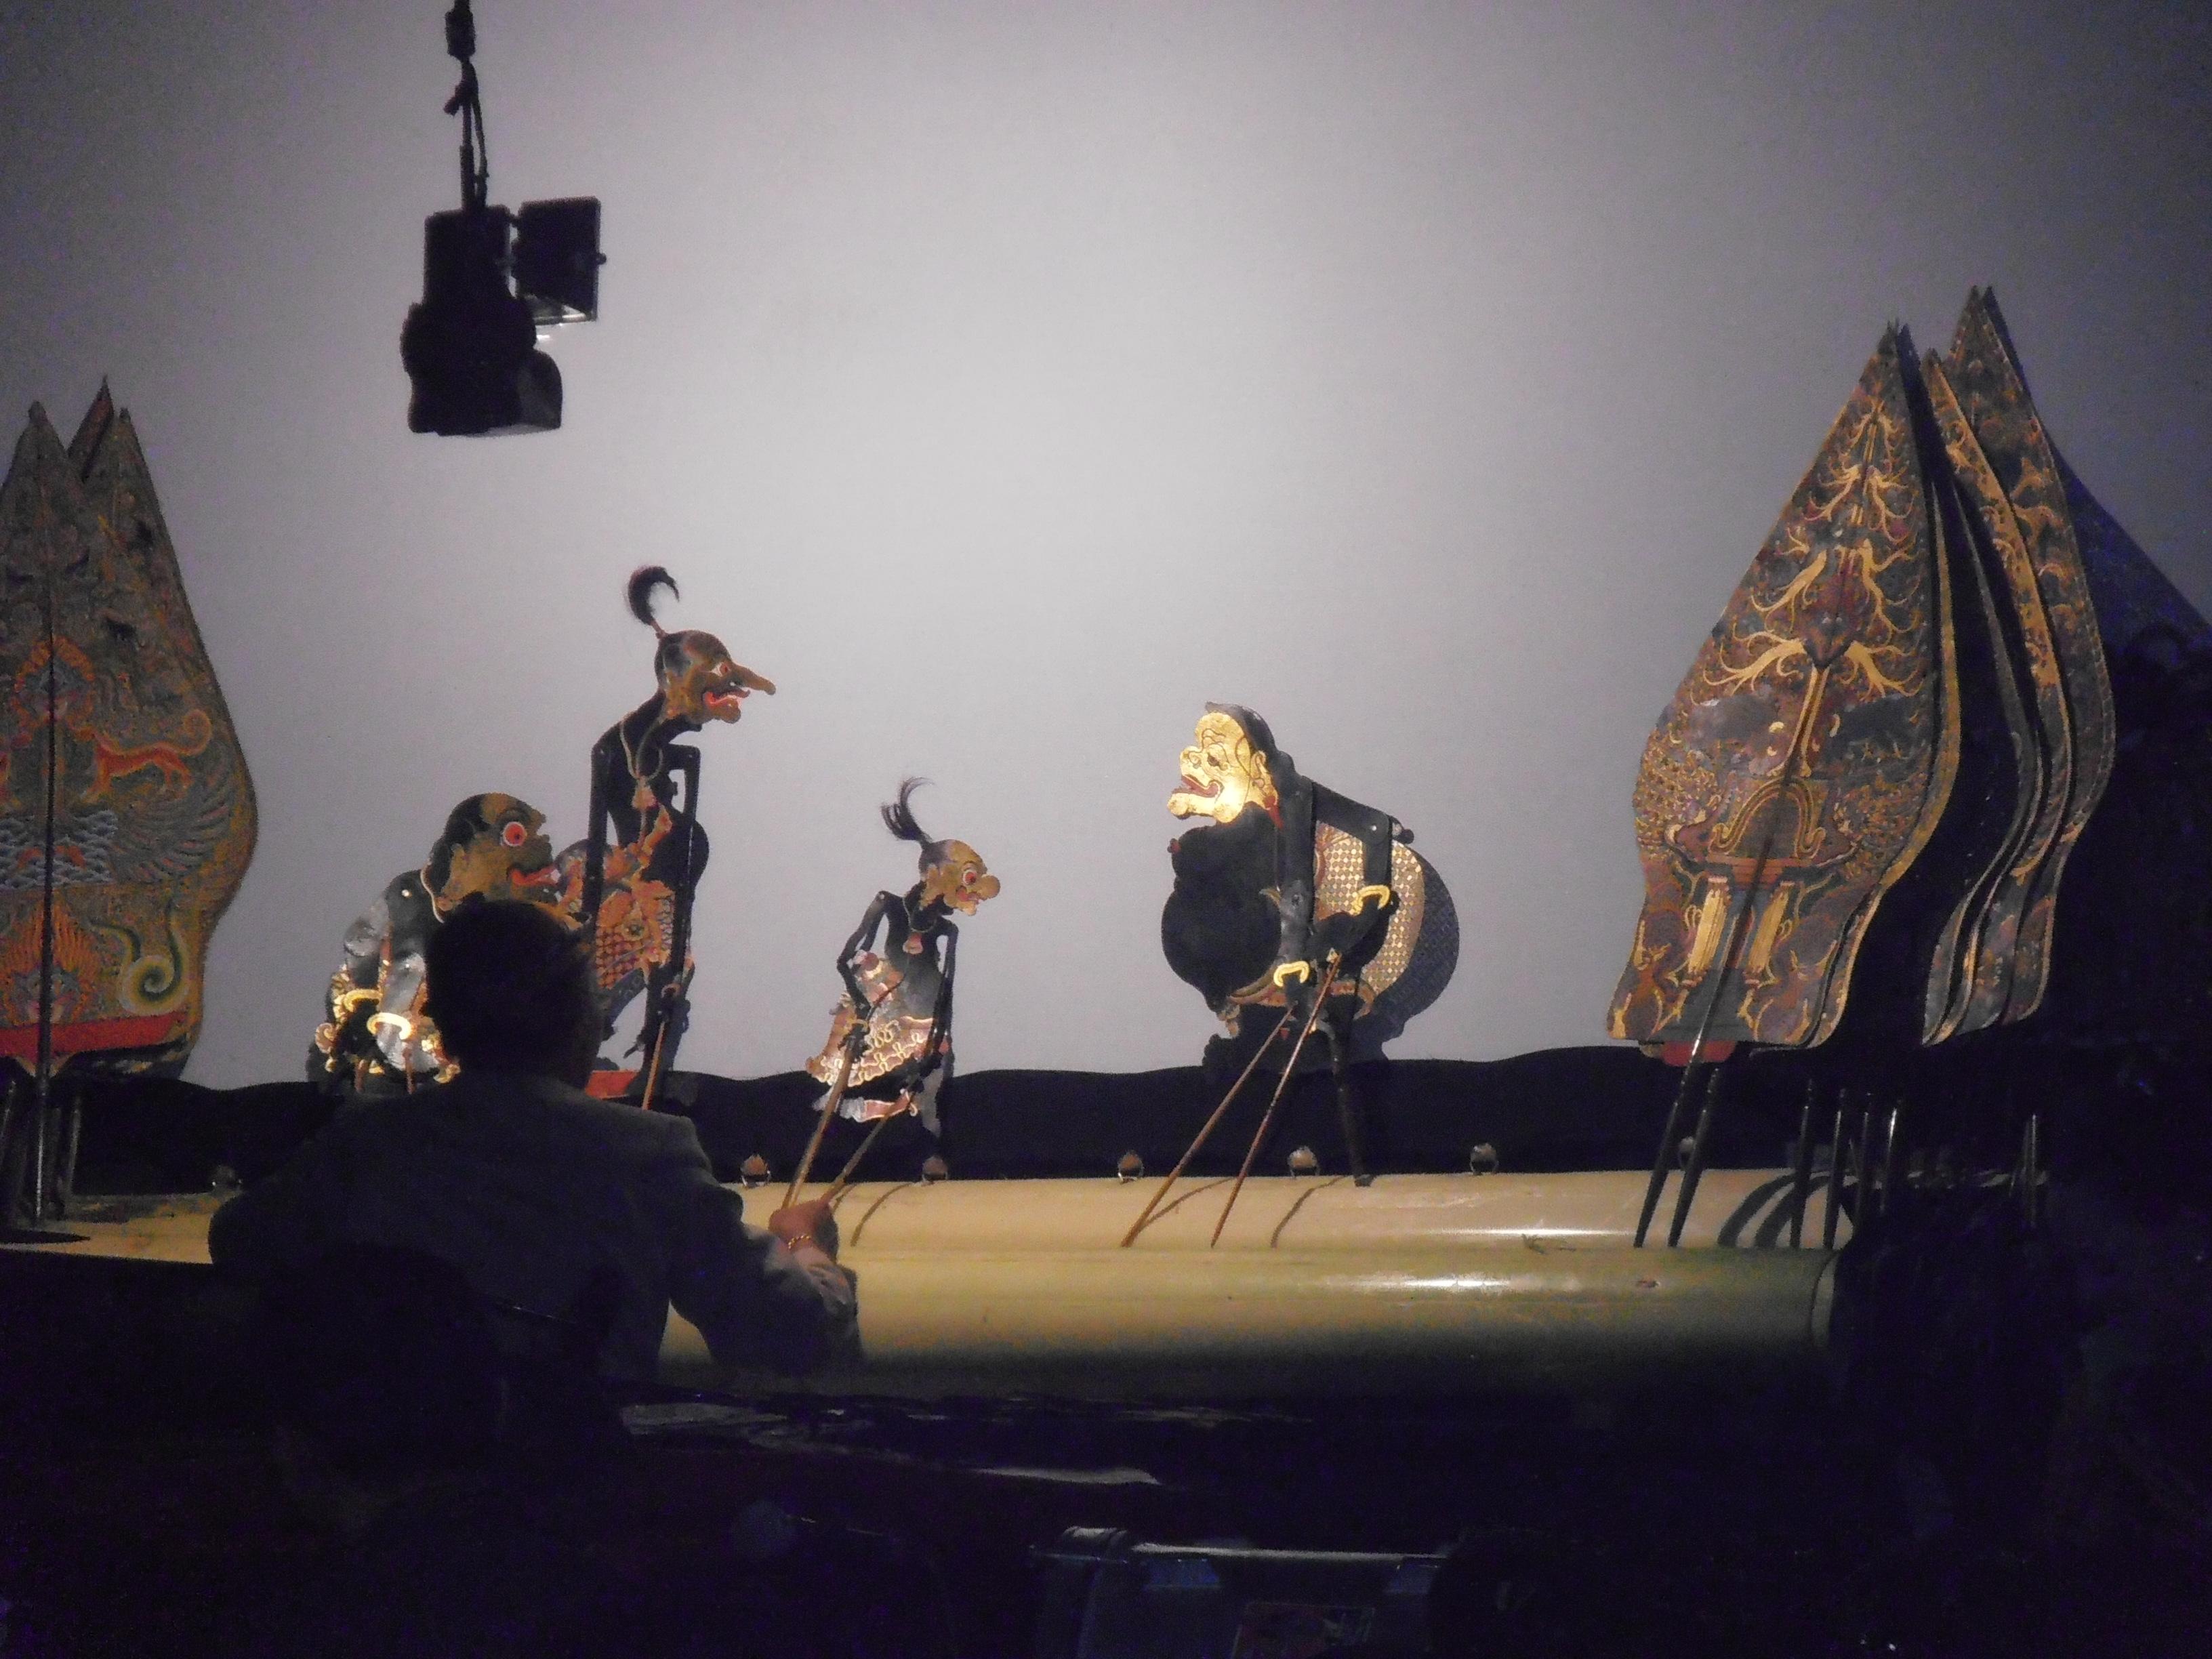 Semar et ses compagnons de clown, le <em>punakawan</em>, dans le style javanais de <em><em>wayang</em> kulit purwa</em>. Photo: Karen Smith